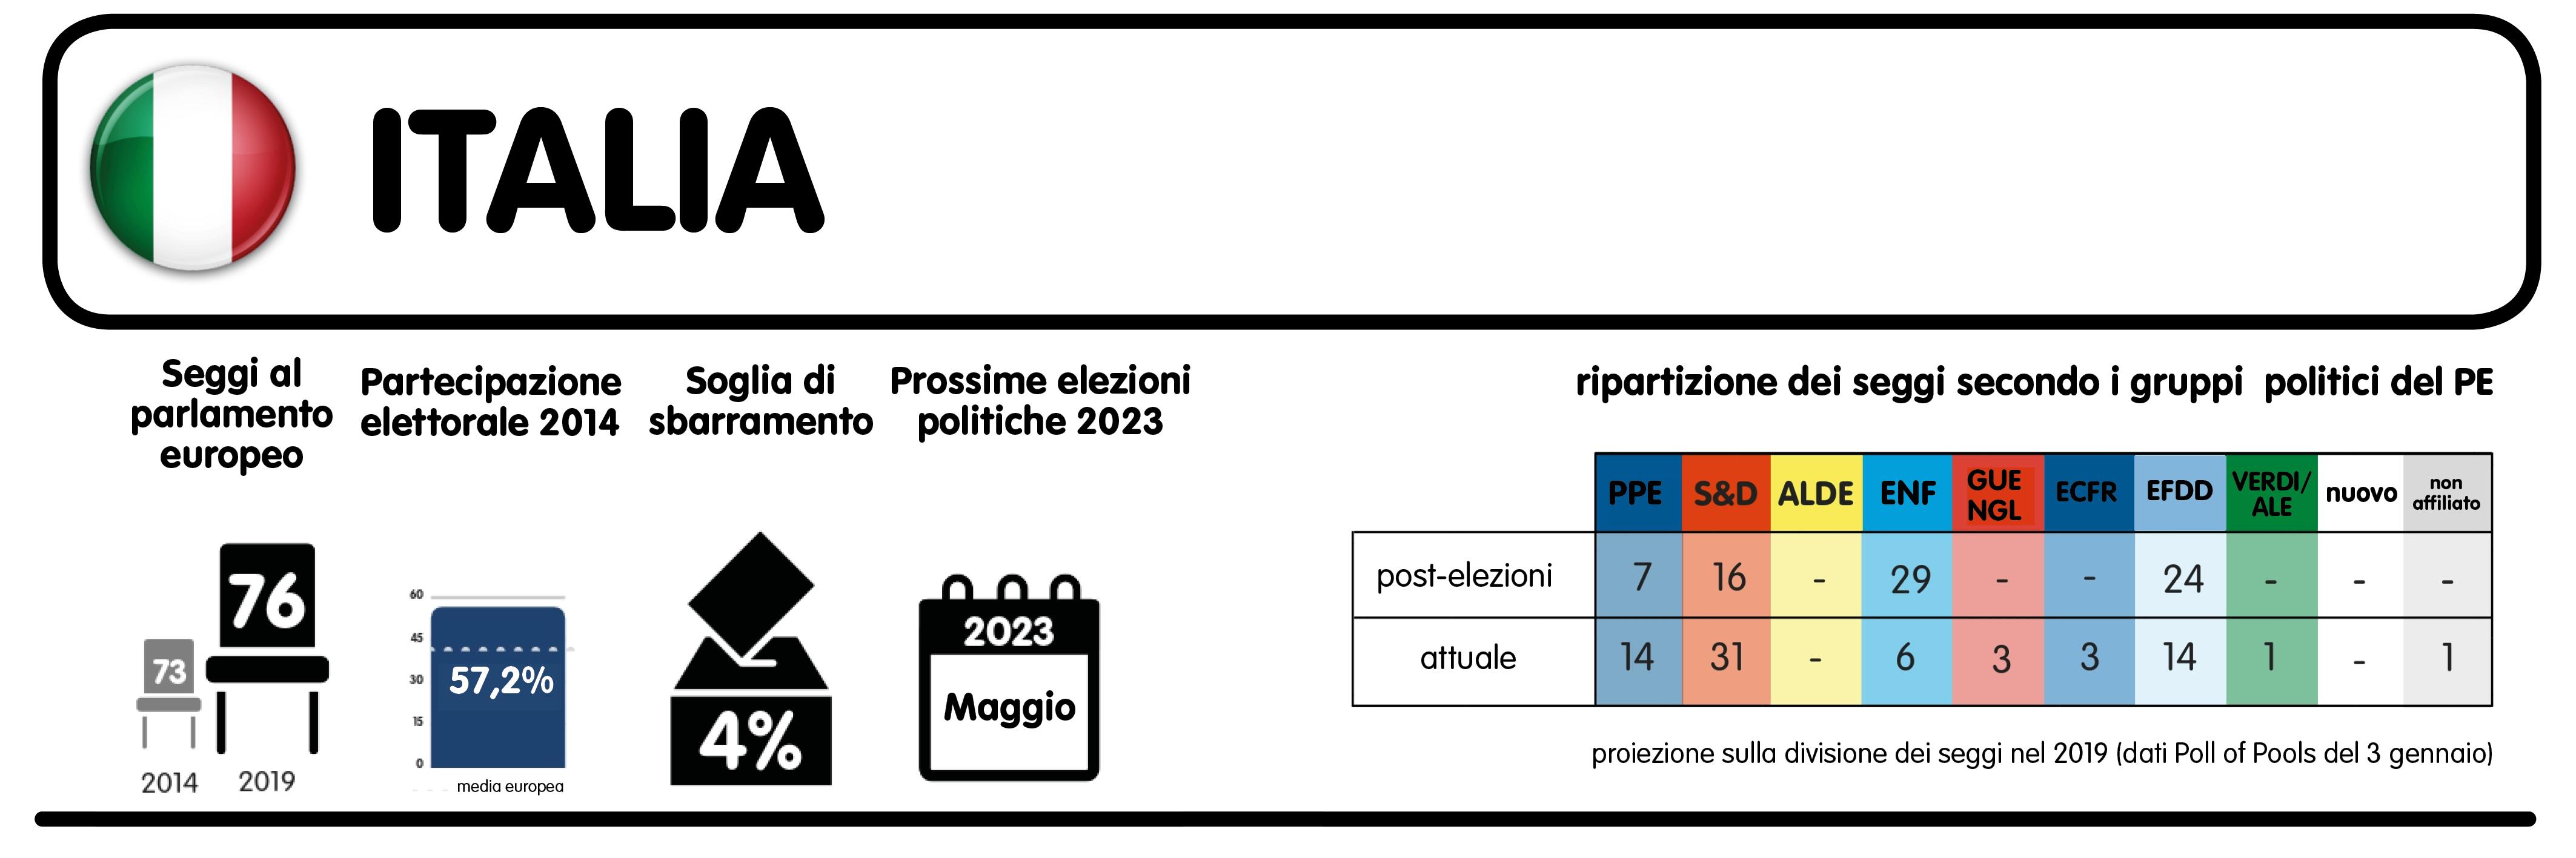 """""""Commissari anti-Ue e paralisi del Parlamento: ecco i rischi delle prossime elezioni europee"""""""